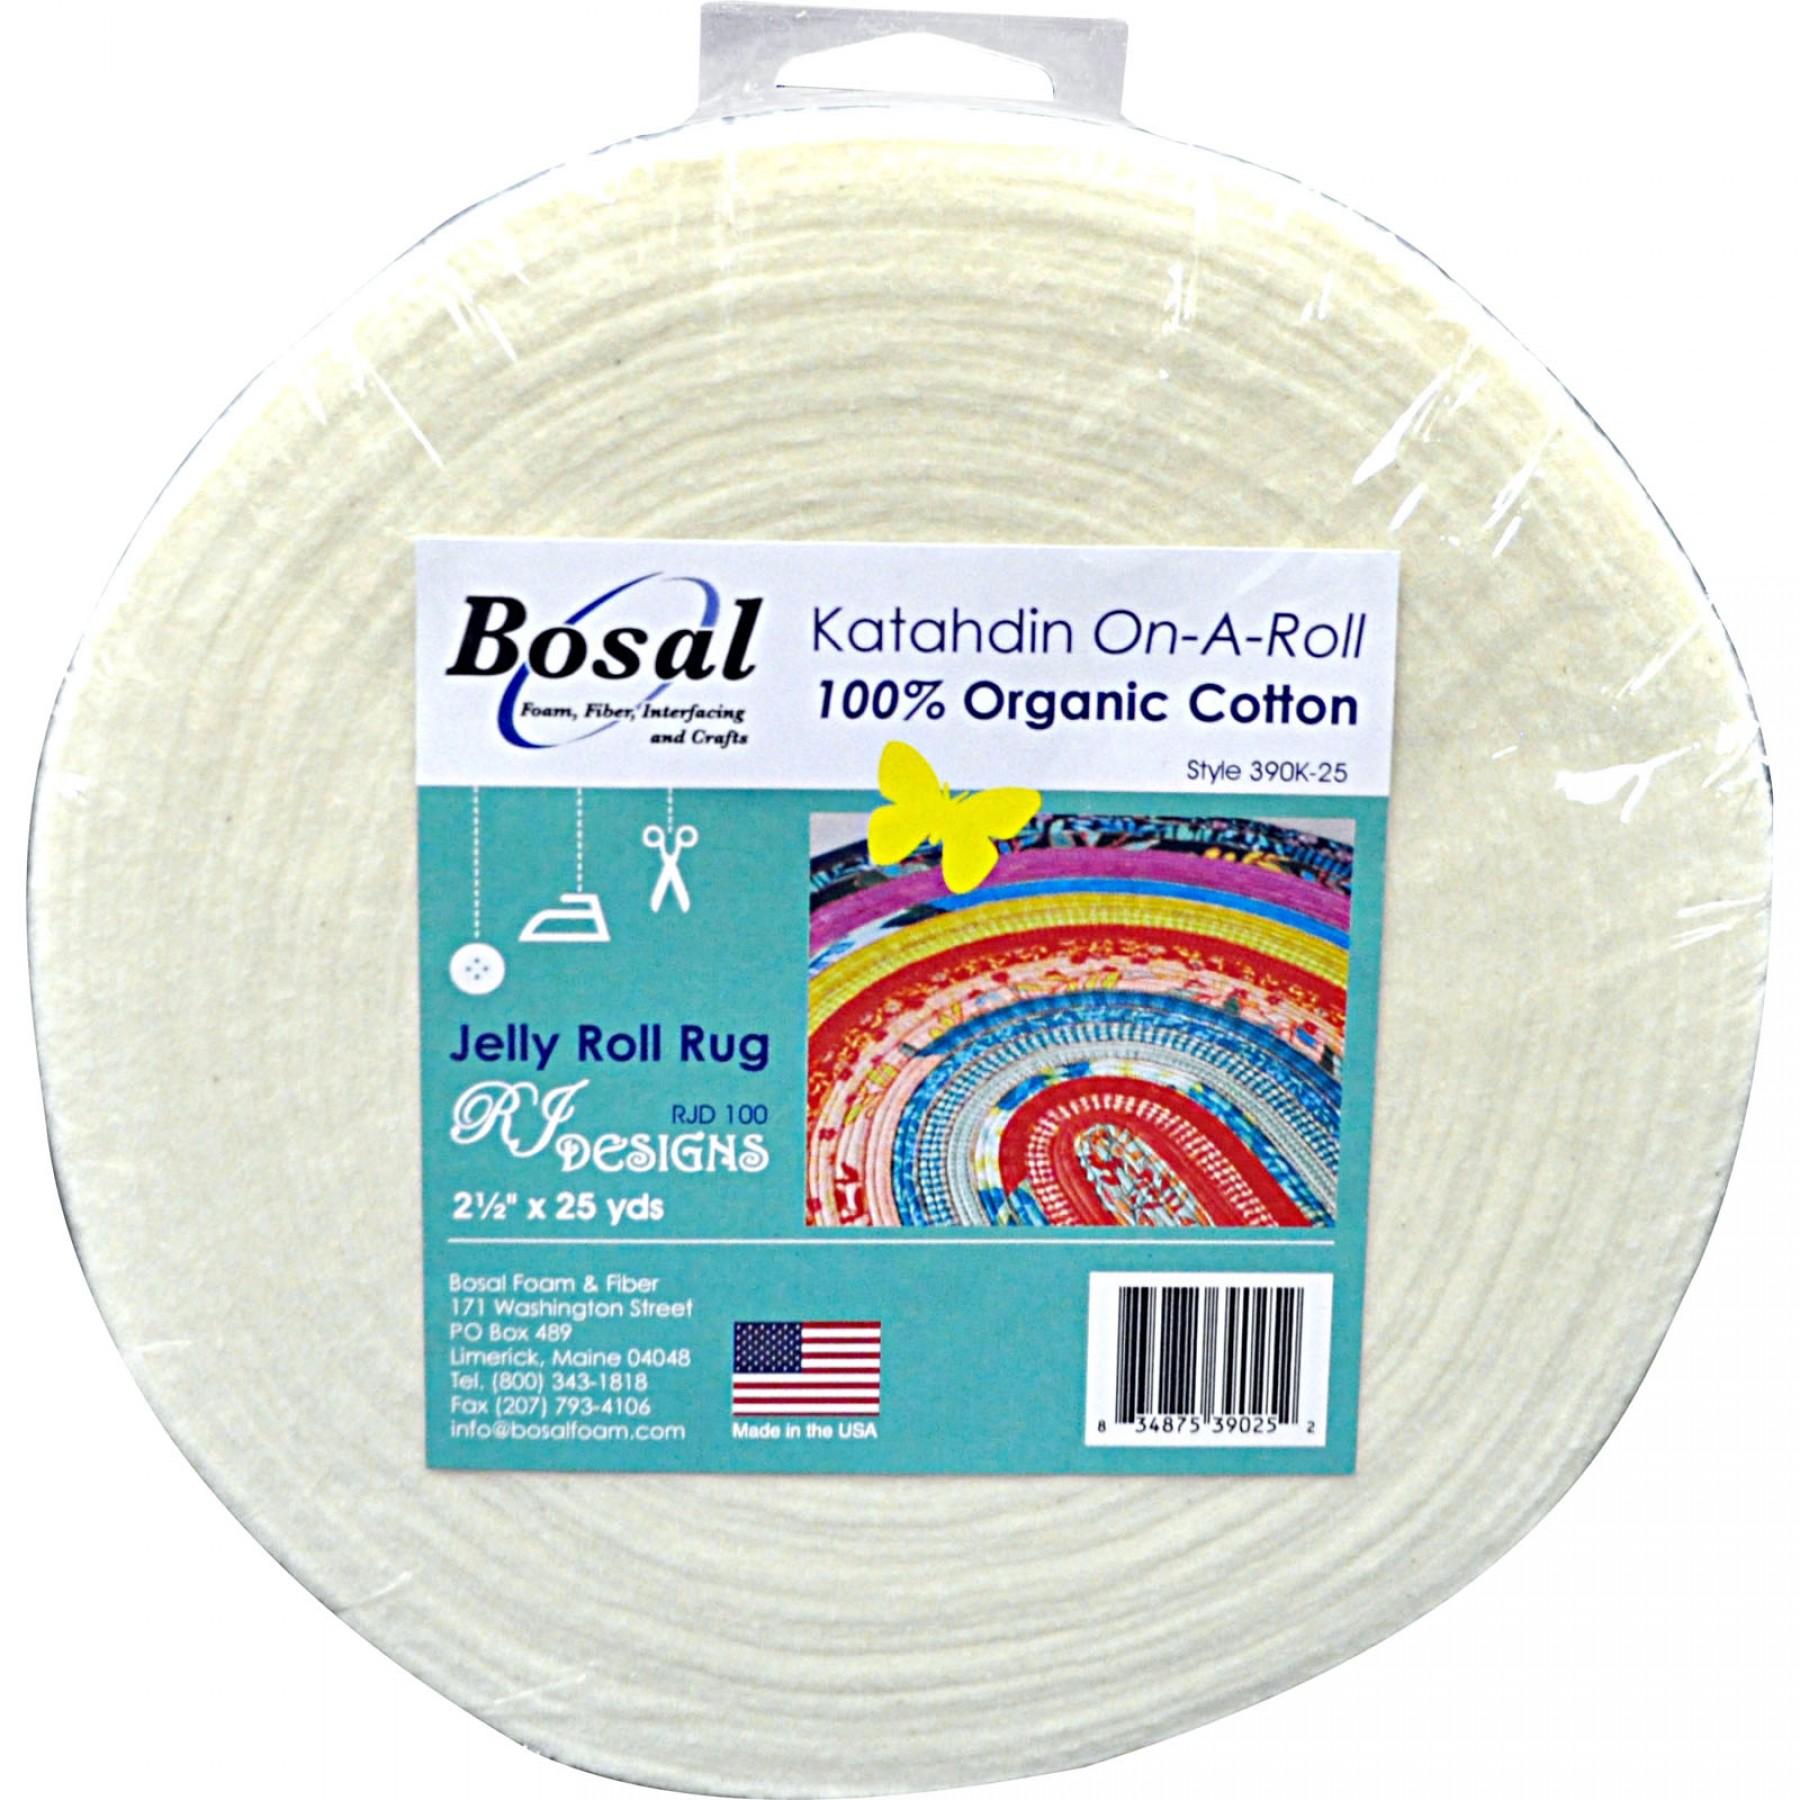 Bosal - Katahdin On-A-Roll (Cotton Batting)